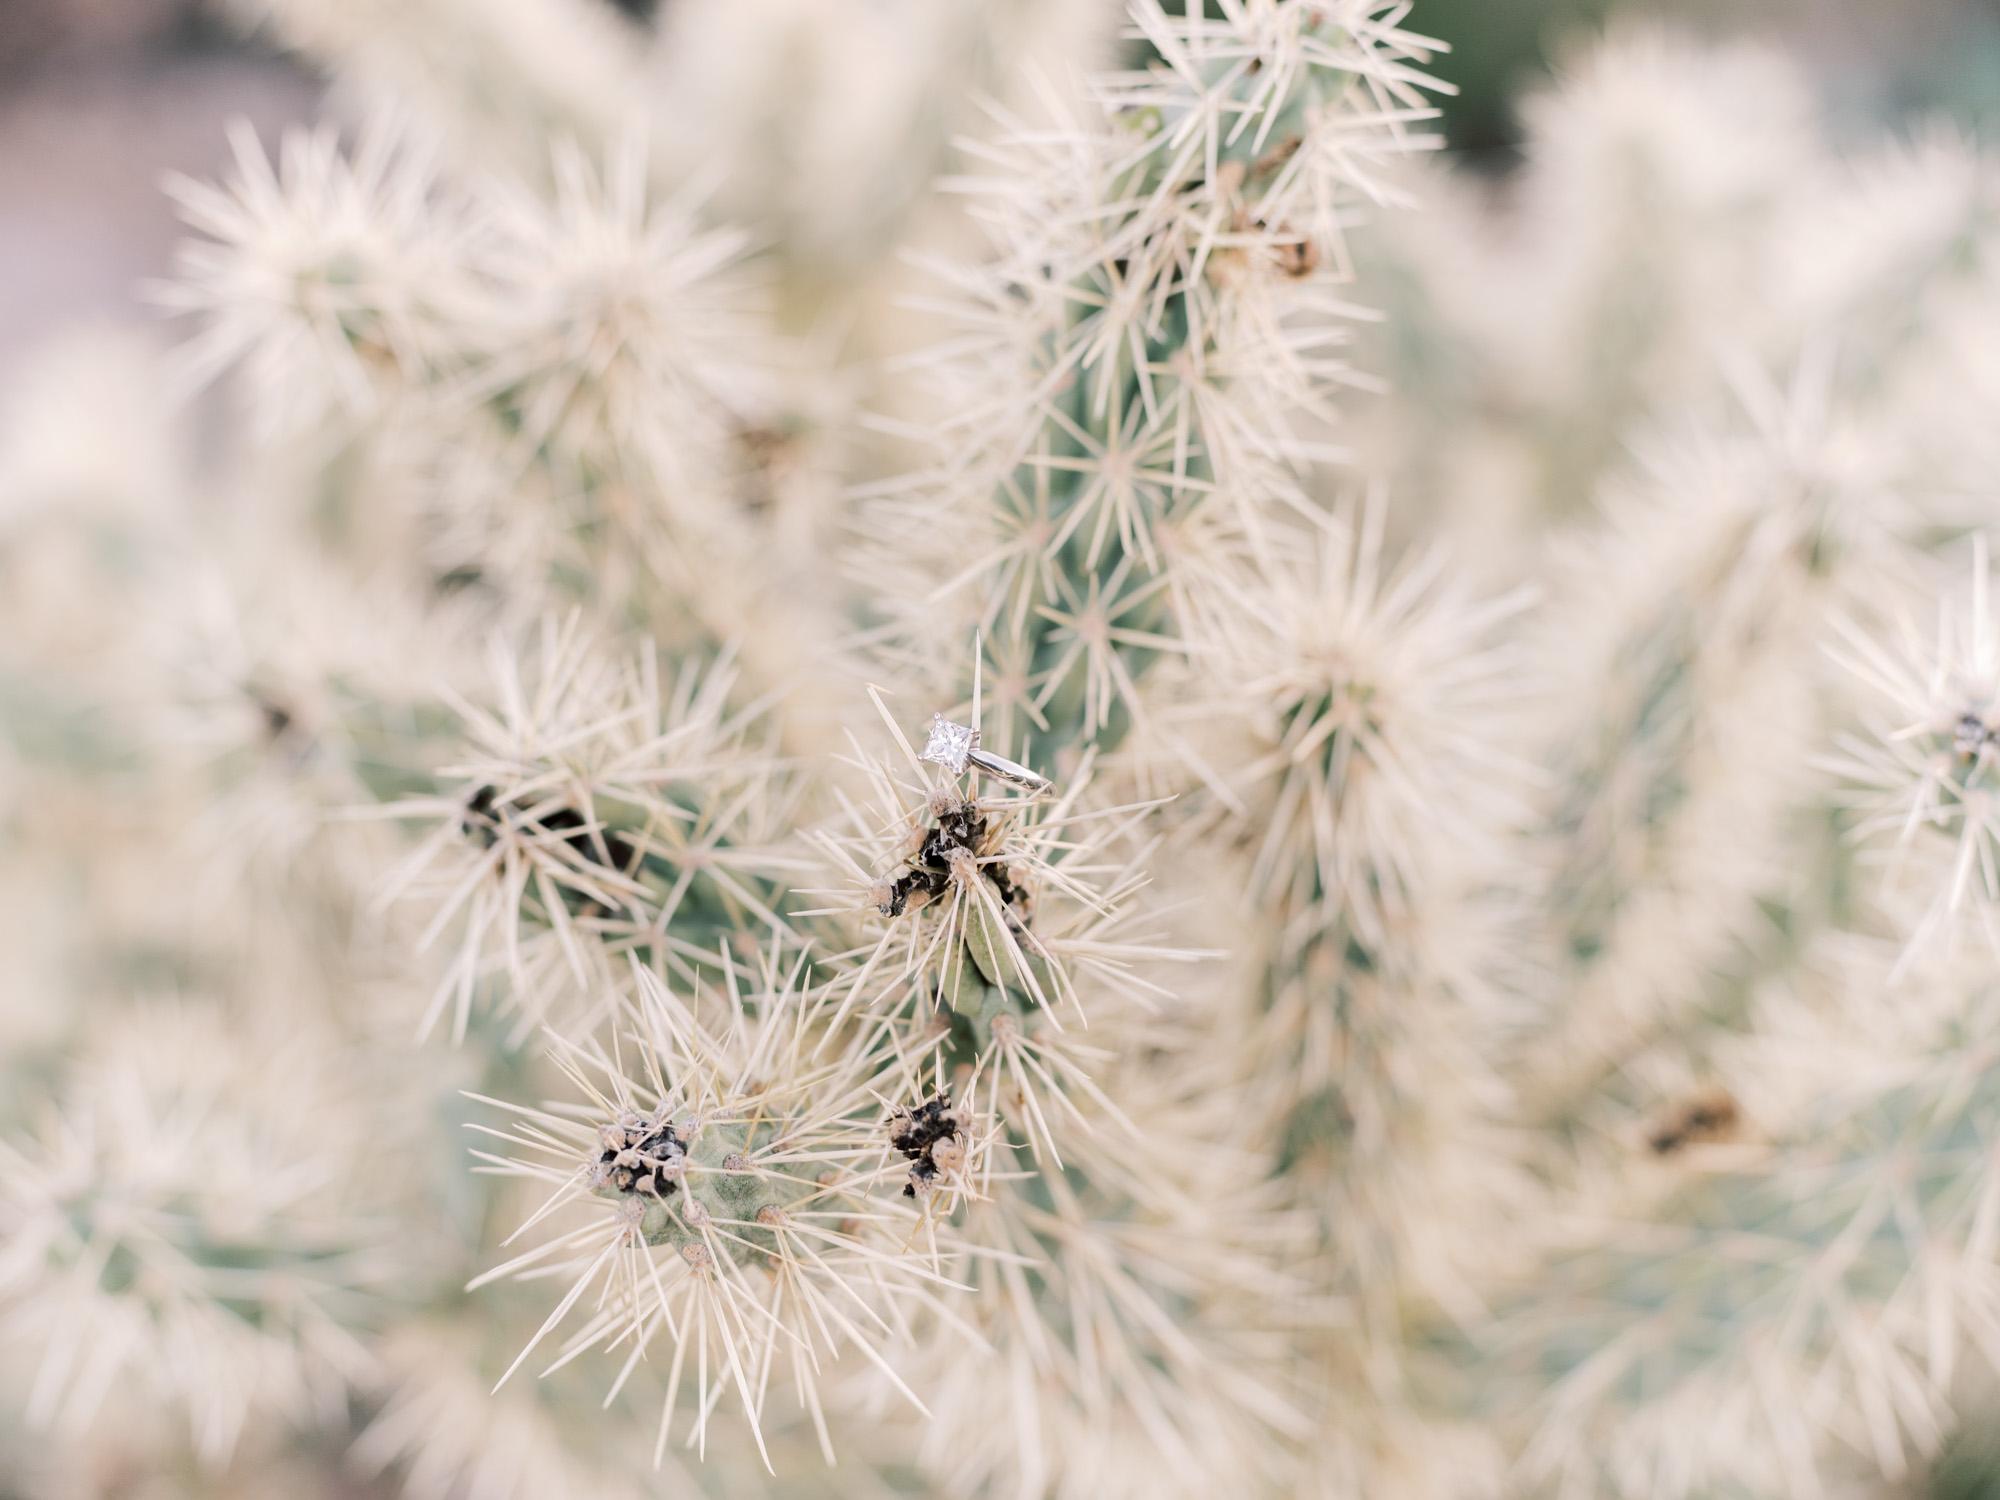 desert-scottsdale-engagement-photographer-brealyn-nenes-031.JPG